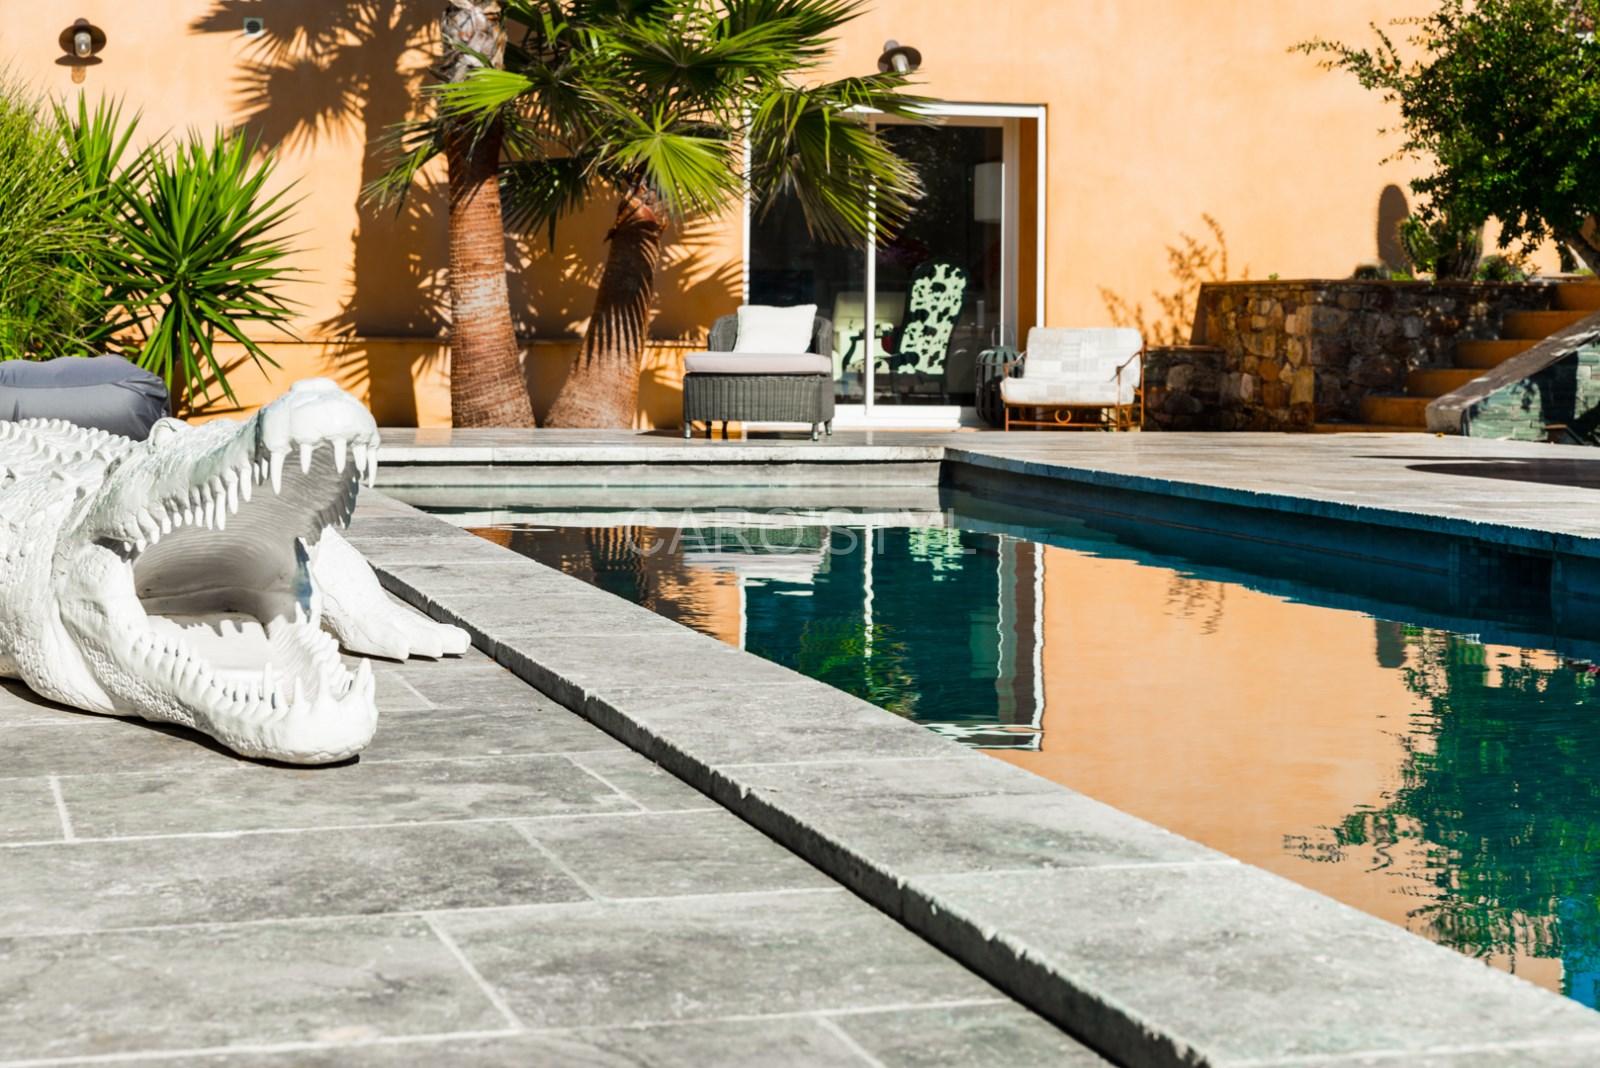 Piscine en pierre naturelle travertin gris, pour une piscine ...